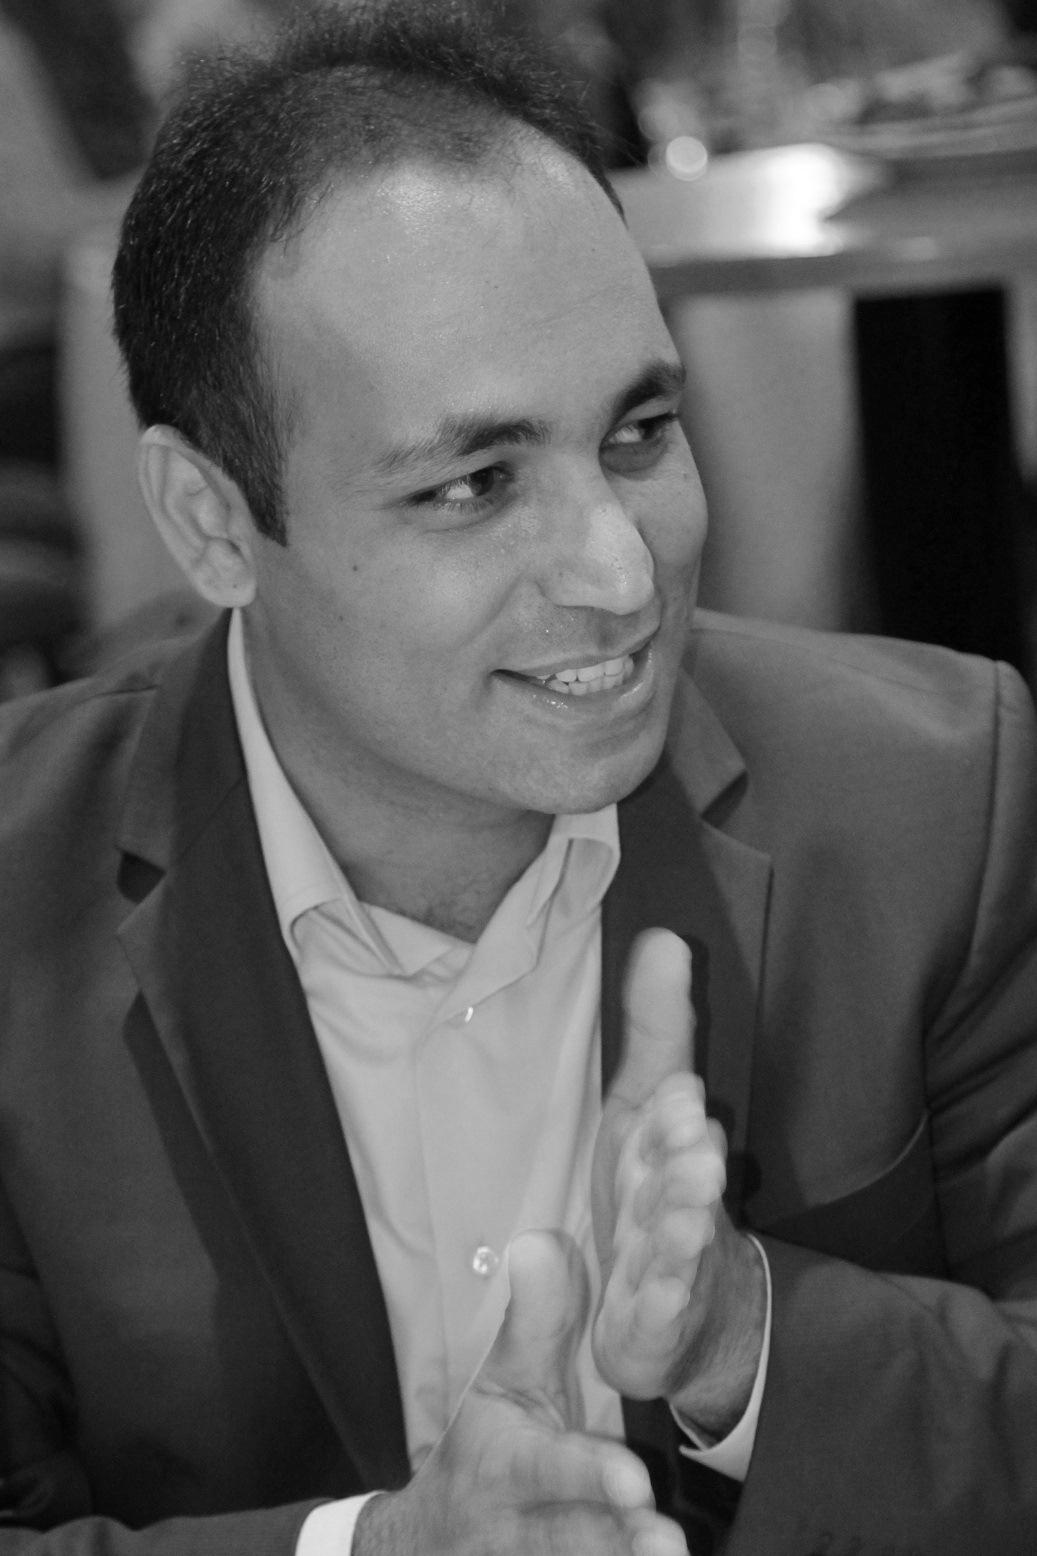 Mr. Mohamad Ayash